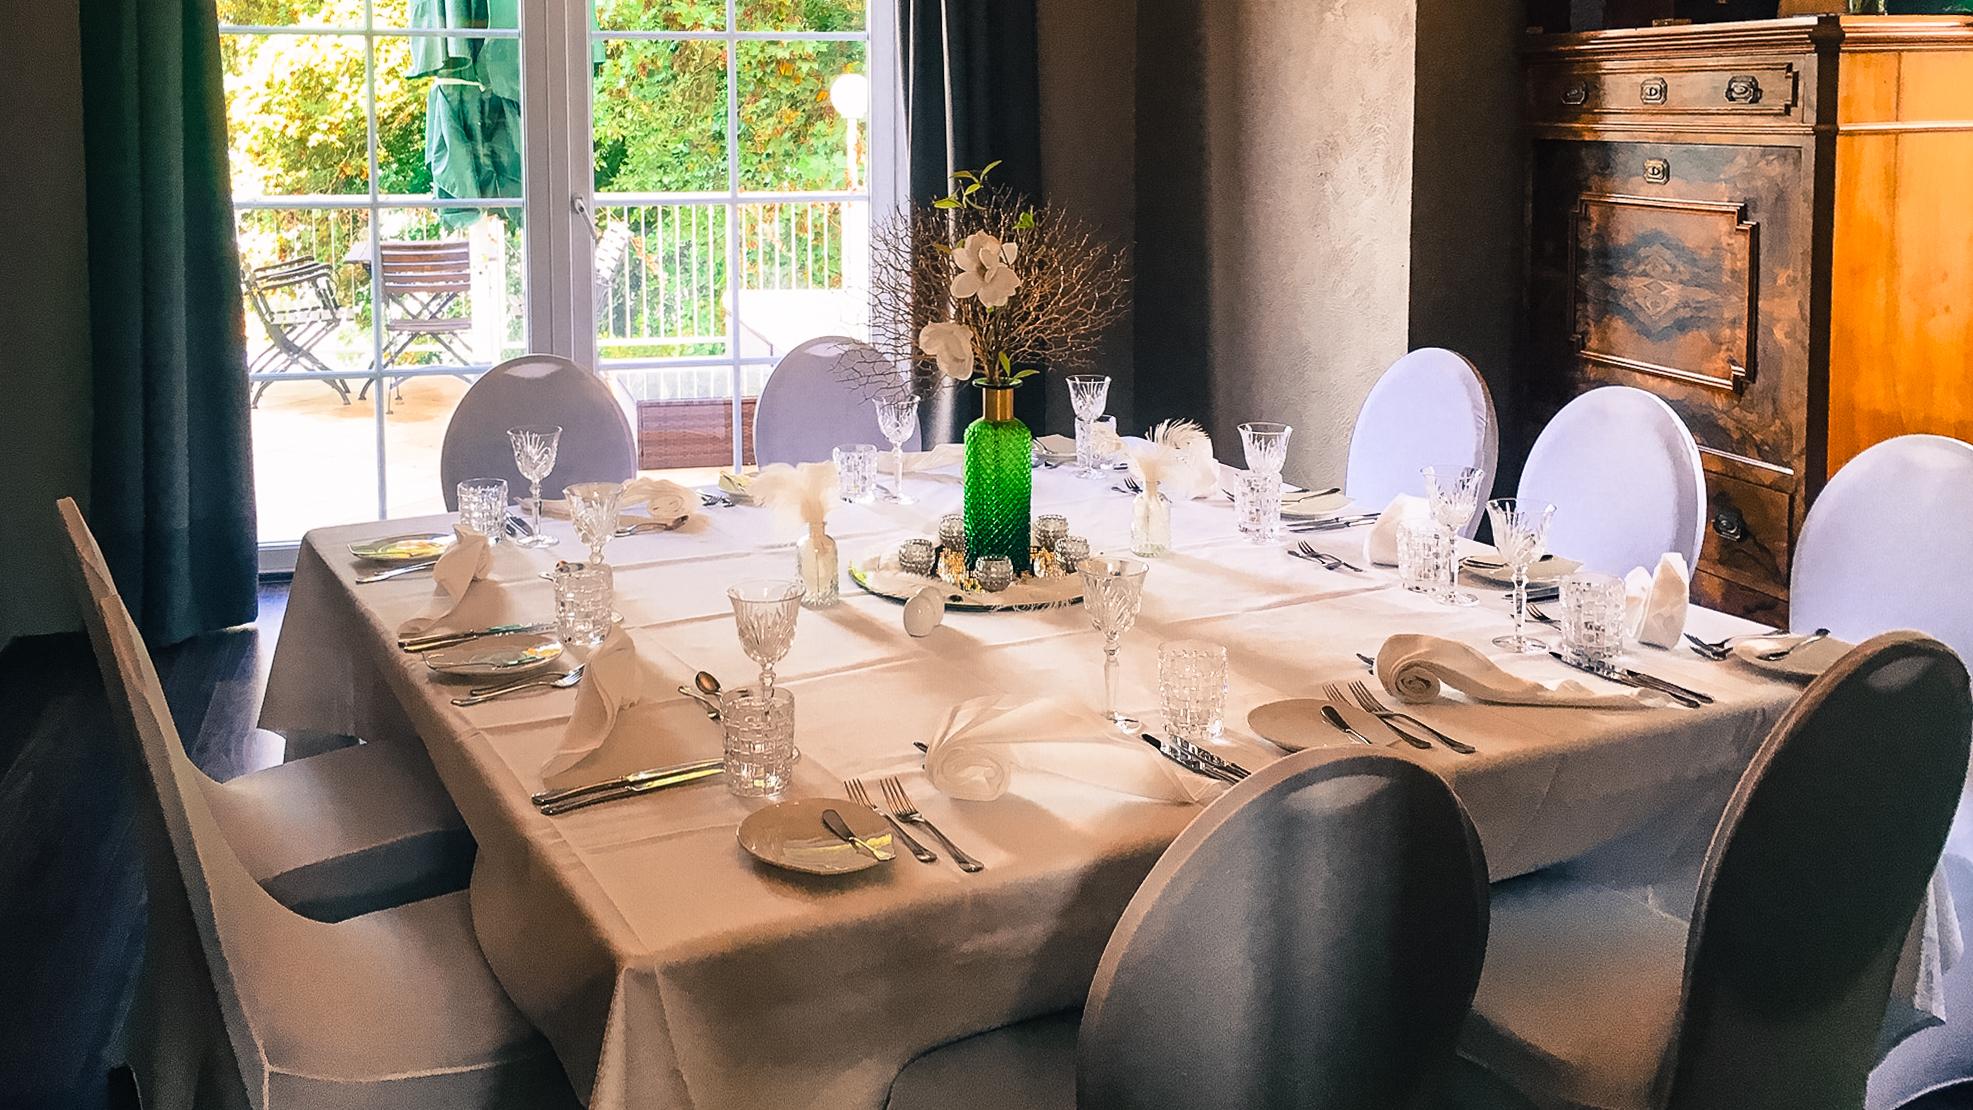 festliche raeume buckow strandhotel vier jahreszeiten ort buckow restaurant d